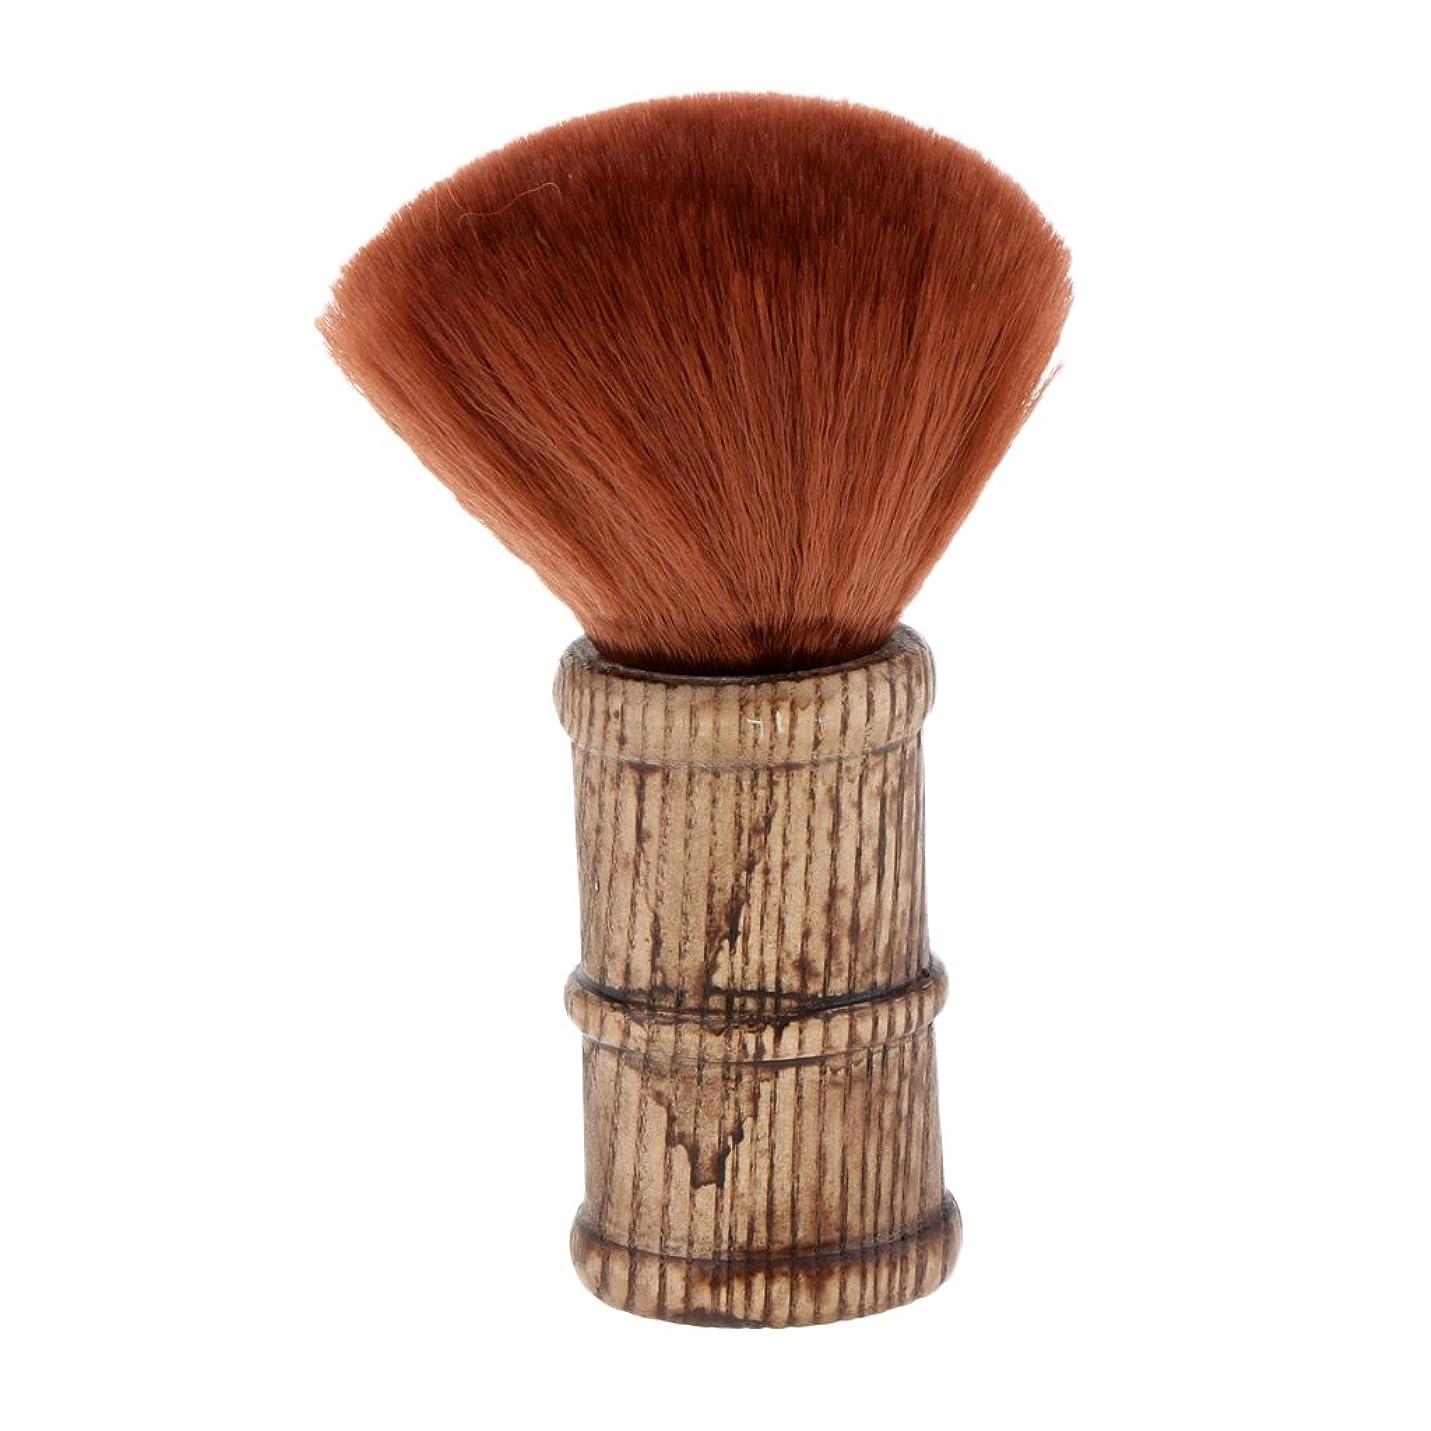 社会主義素晴らしいですロンドンPerfk ネックダスターブラシ ヘアカットブラシ 理髪師 サロン スーパーソフト メイクアップ 2色選べる - 褐色